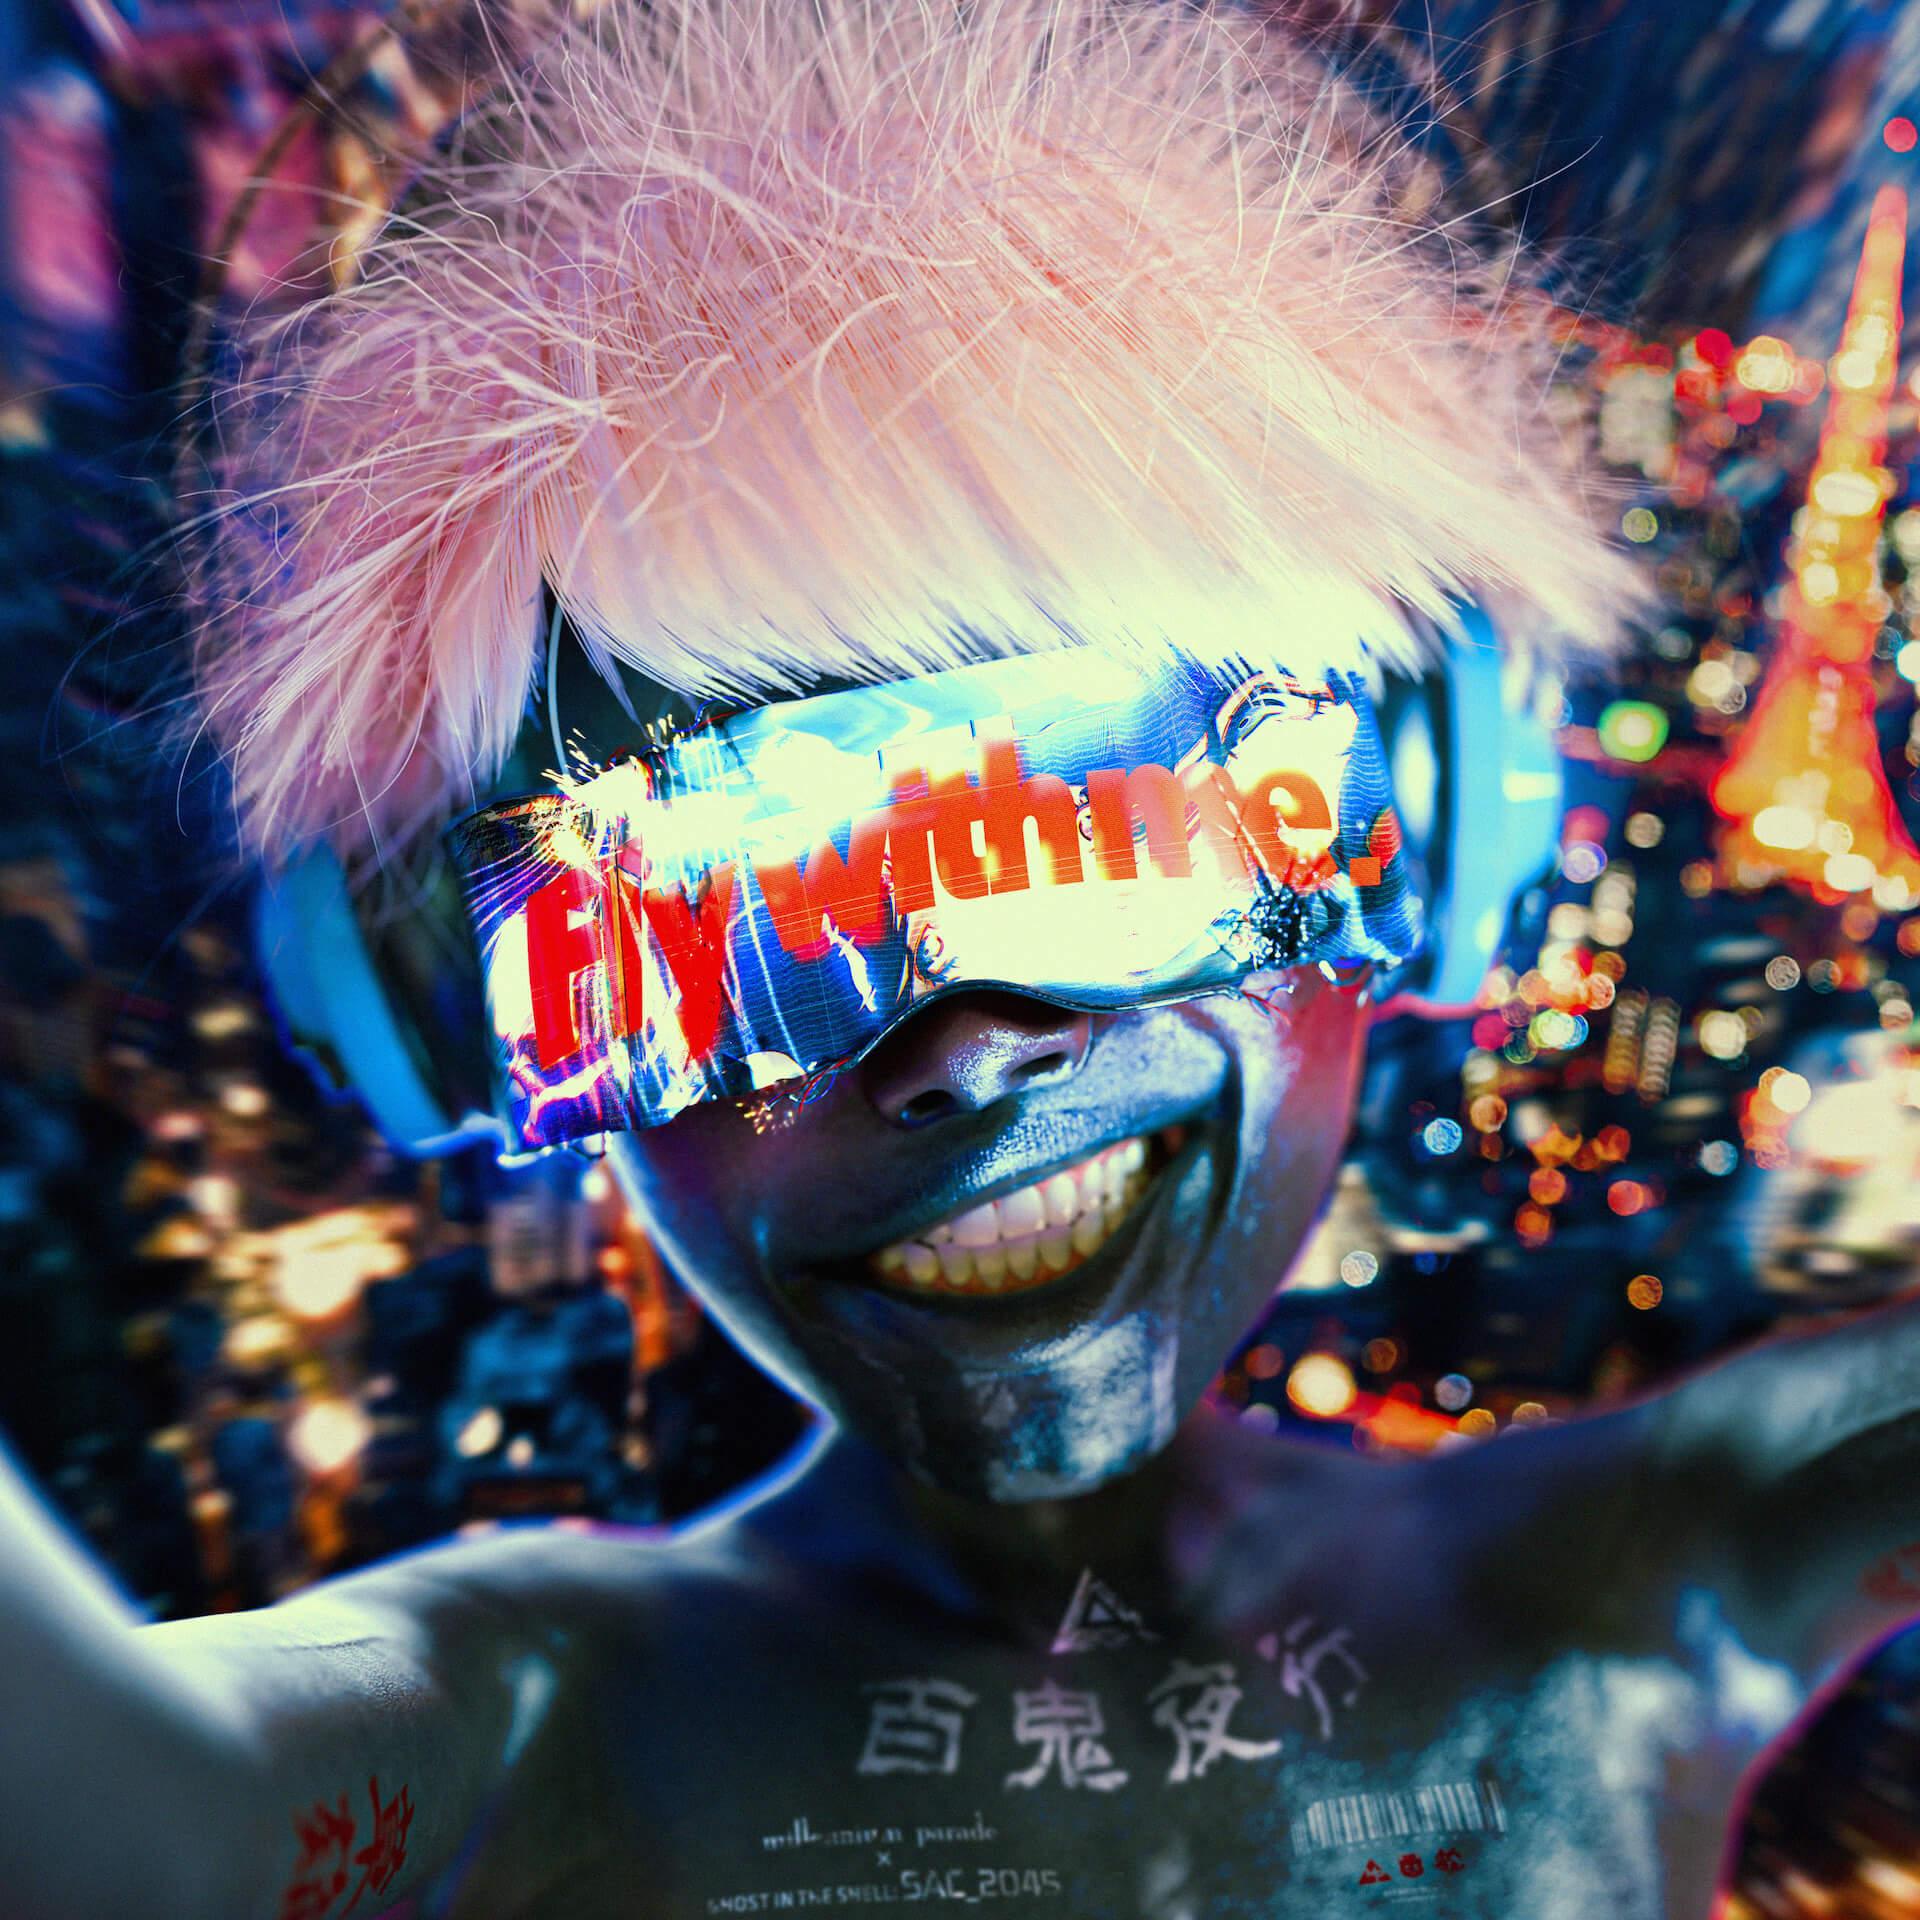 常田大希のソロプロジェクトmillennium paradeによるNetflix『攻殻機動隊』OPテーマがCD&配信リリース決定! music200303_millenniumparade_2